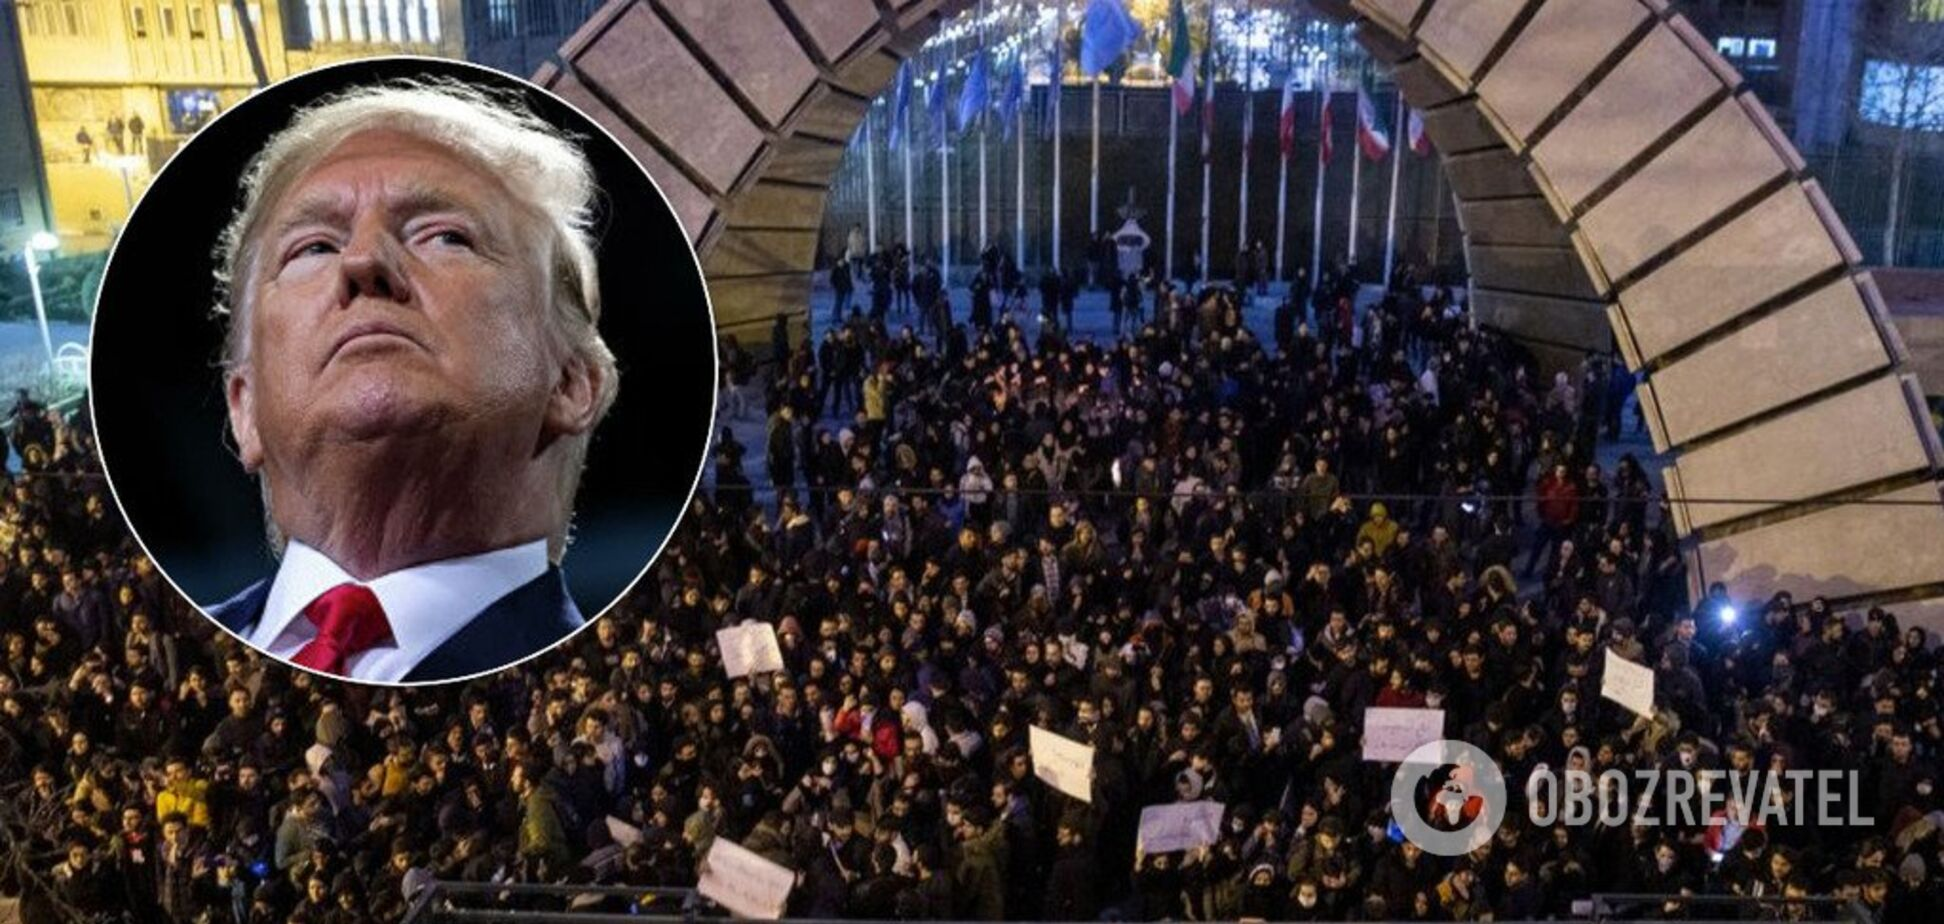 Протести в Ірані і Дональд Трамп